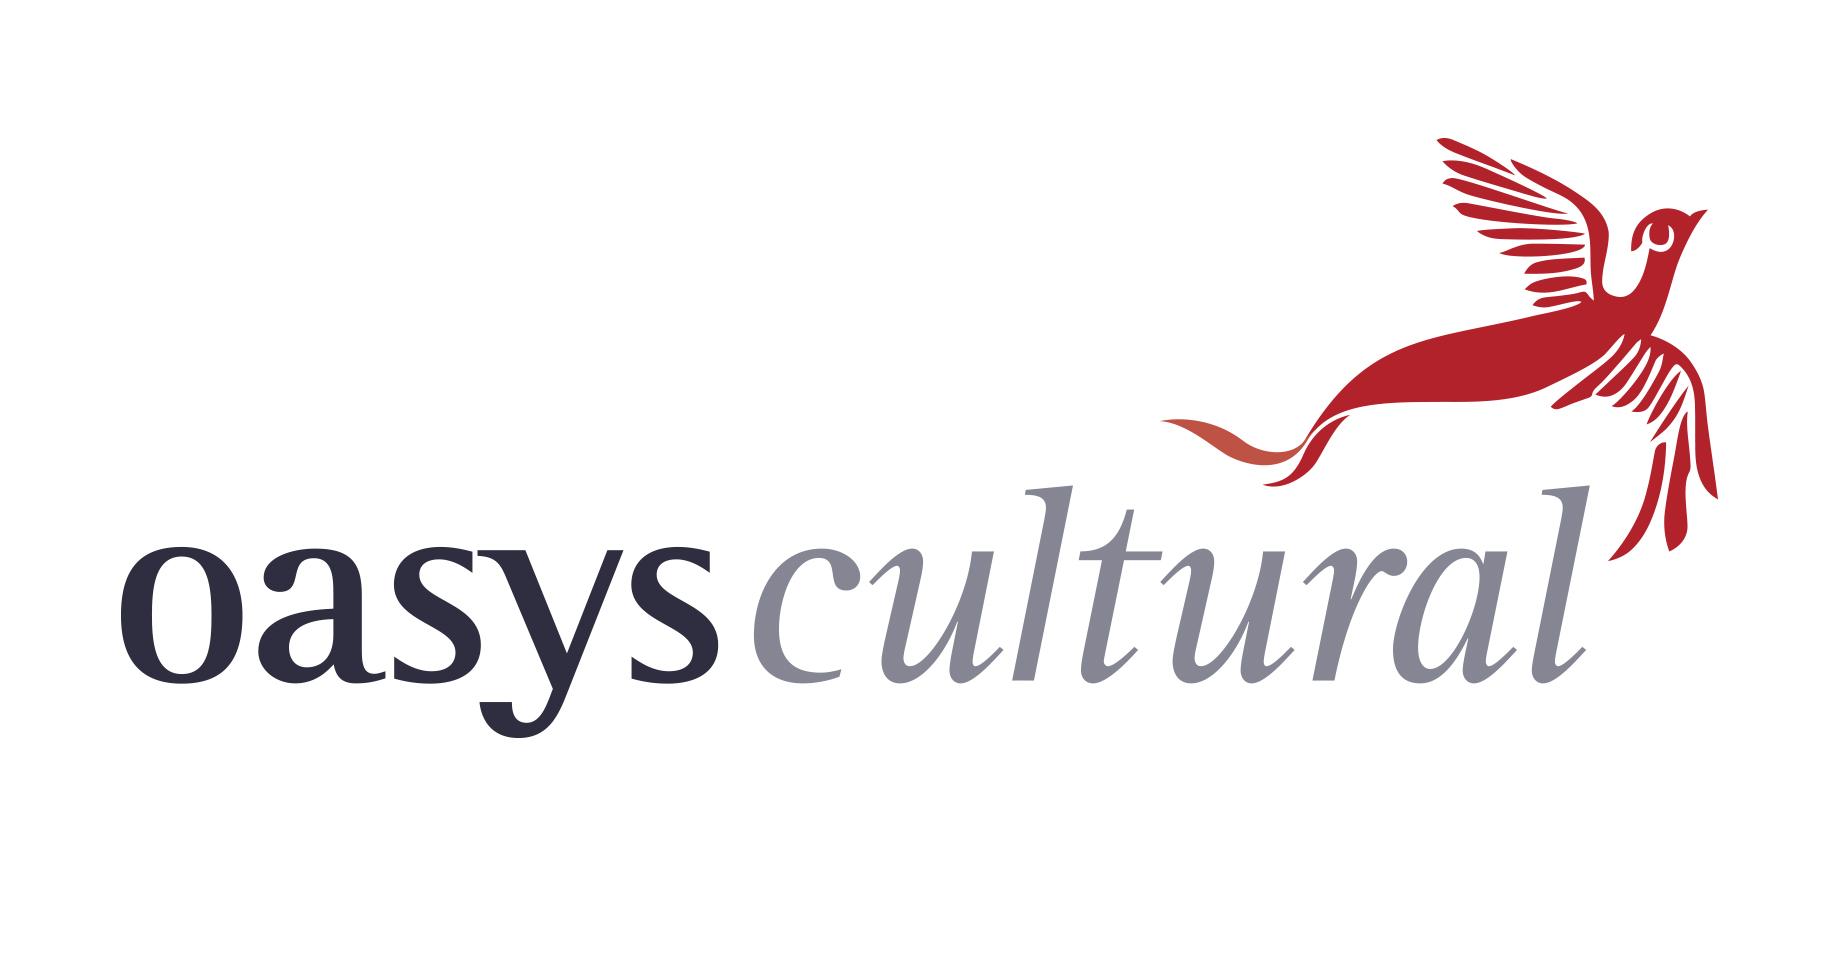 Logo da agência literária Oasys Cultural, que consiste no nome da agência, sendo oasys escrito em preto e cultural, em cinza, com o desenho de uma fênix vermelha por cima da palavra cultural.